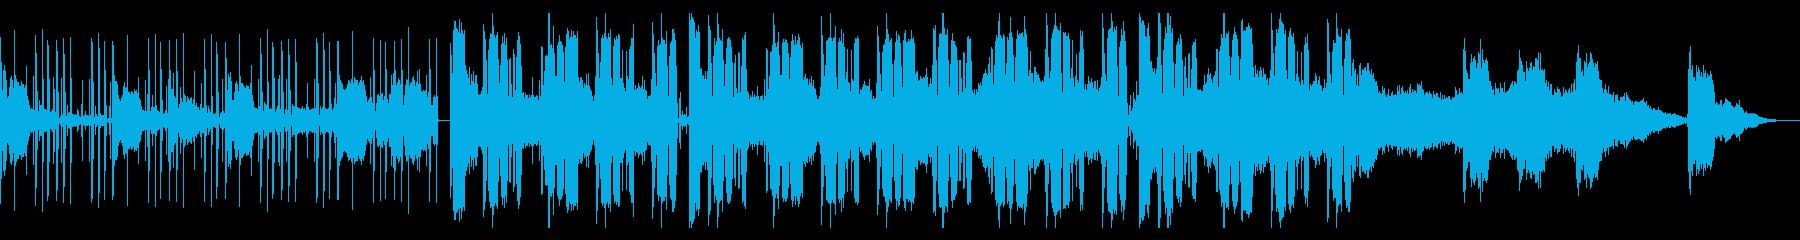 ピアノとシンセのチル・ヒップホップの再生済みの波形